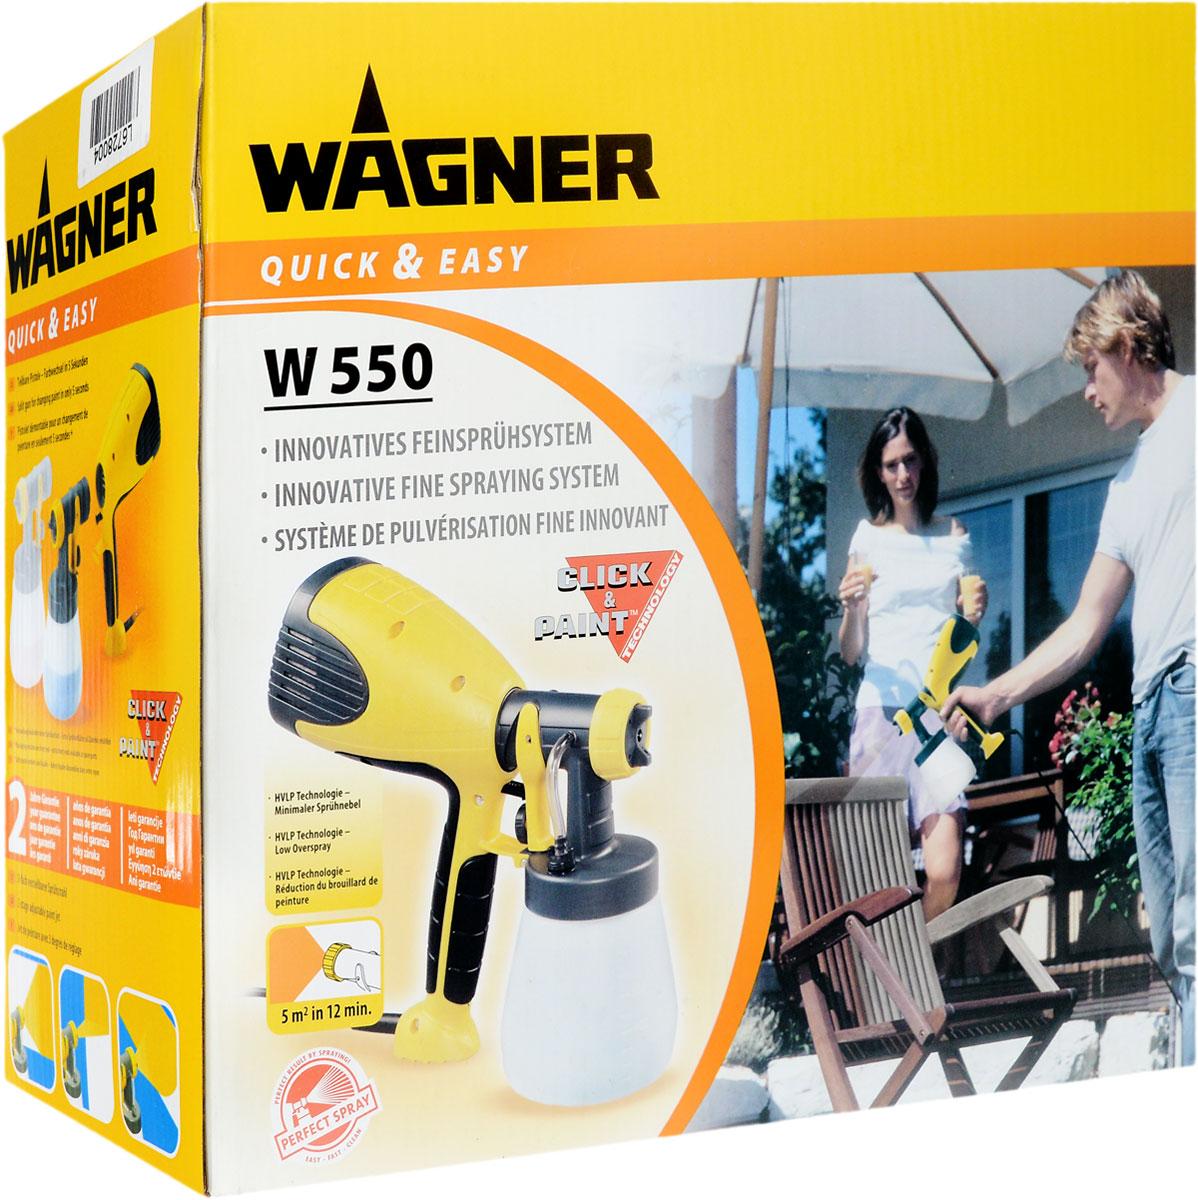 Краскопульт Wagner W55064904Краскопульт Wagner W550 предназначен для нанесения эмалей, лаков, грунтовок, средств для защиты деревянных поверхностей и других материалов. Для работы с этой тонкораспылительной системой не требуется особых навыков покраски: вы просто соединяете распылительный элемент с емкостью для краски и устройство уже готово к работе! С системой W 550 процесс покраски перестанет быть нудным, а превратится в творческое воплощение ваших бесценных идей! Особенности краскопульта: Распыление без облака - чистота окружающих предметов. Профессиональное покрытие. Точная заливка материала. Быстрая чистка. Низкий расход материала. Технология Click&Paint позволяет менять цвет и материалы одним движением. Технические характеристики: Максимальная вязкость: 90 DIN. Источник питания: 230-240 В. Потребляемая мощность: 280 Вт. Мощность распыления на выходе: 65 Вт. Уровень звукового давления: 74 дБ (А). Уровень вибрации : ...